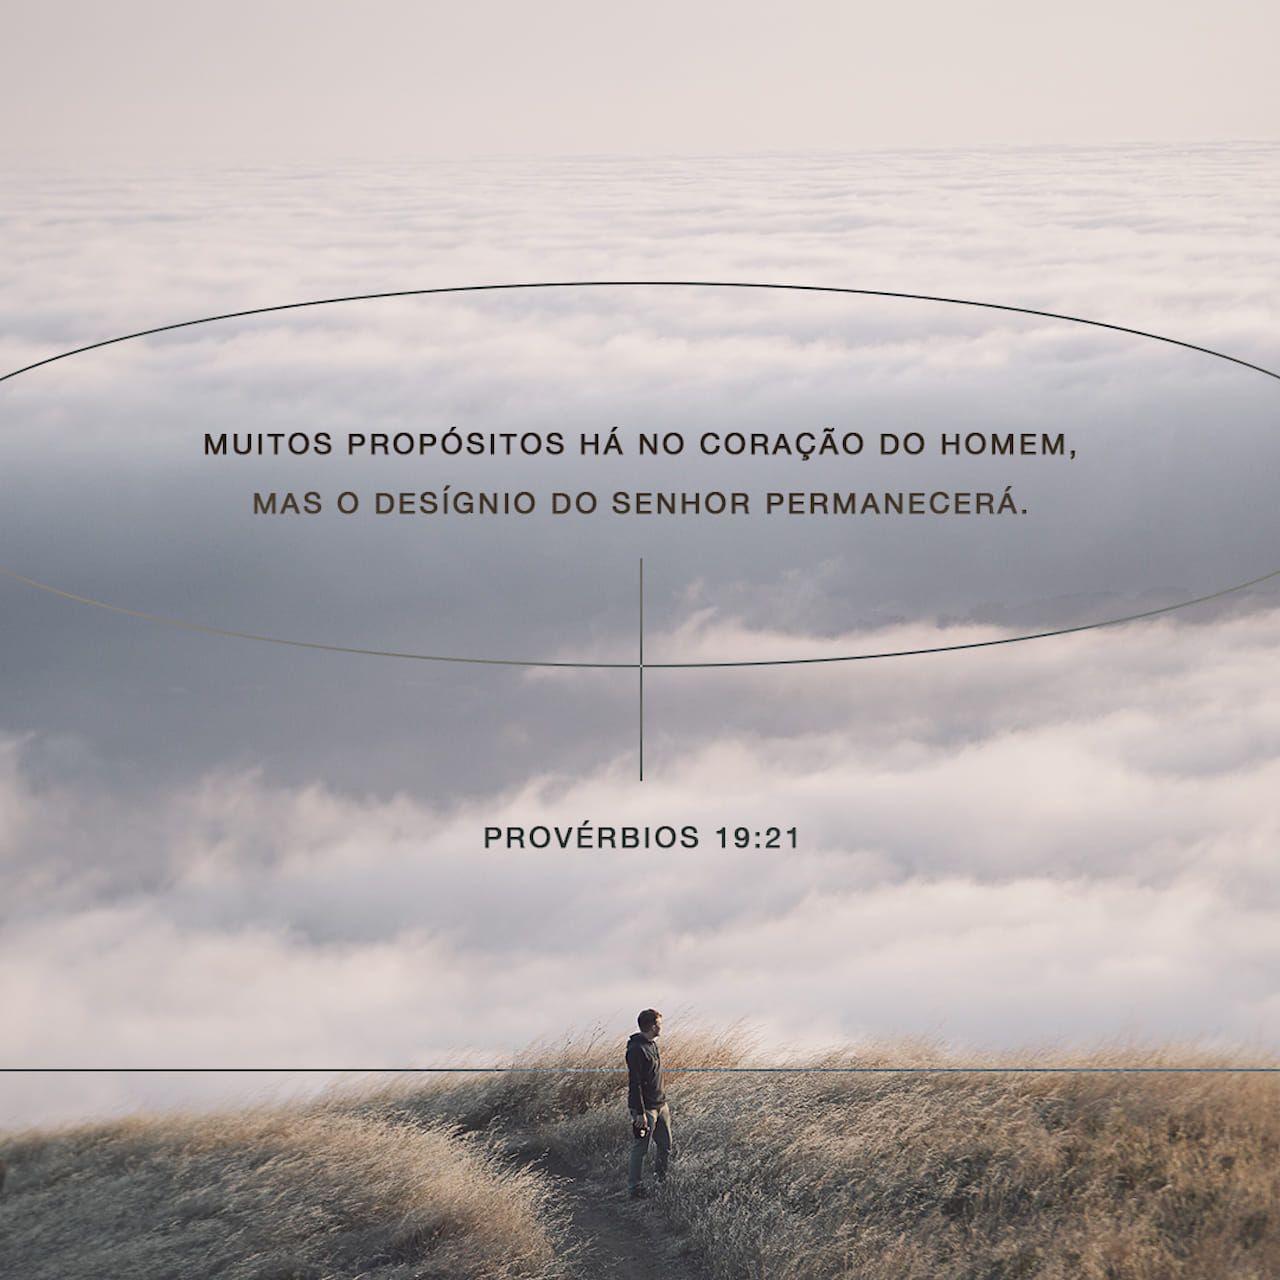 Proverbios 19 21 As Pessoas Fazem Muitos Planos Mas Quem Decide E